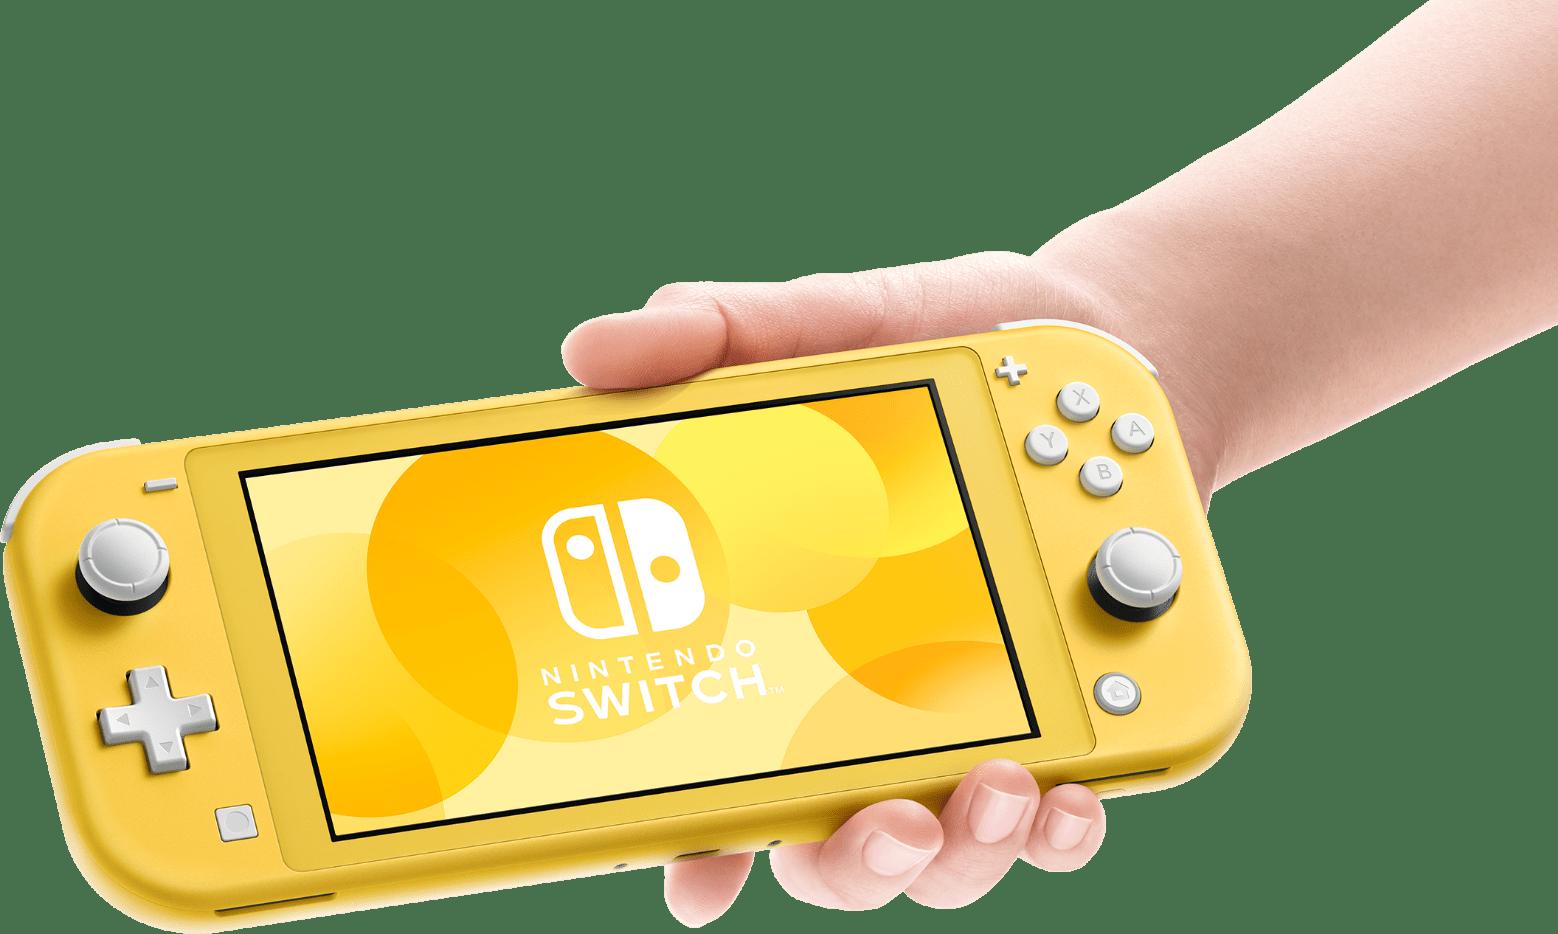 Nintendo Switch e Switch Lite: le differenze nello schermo e nella batteria